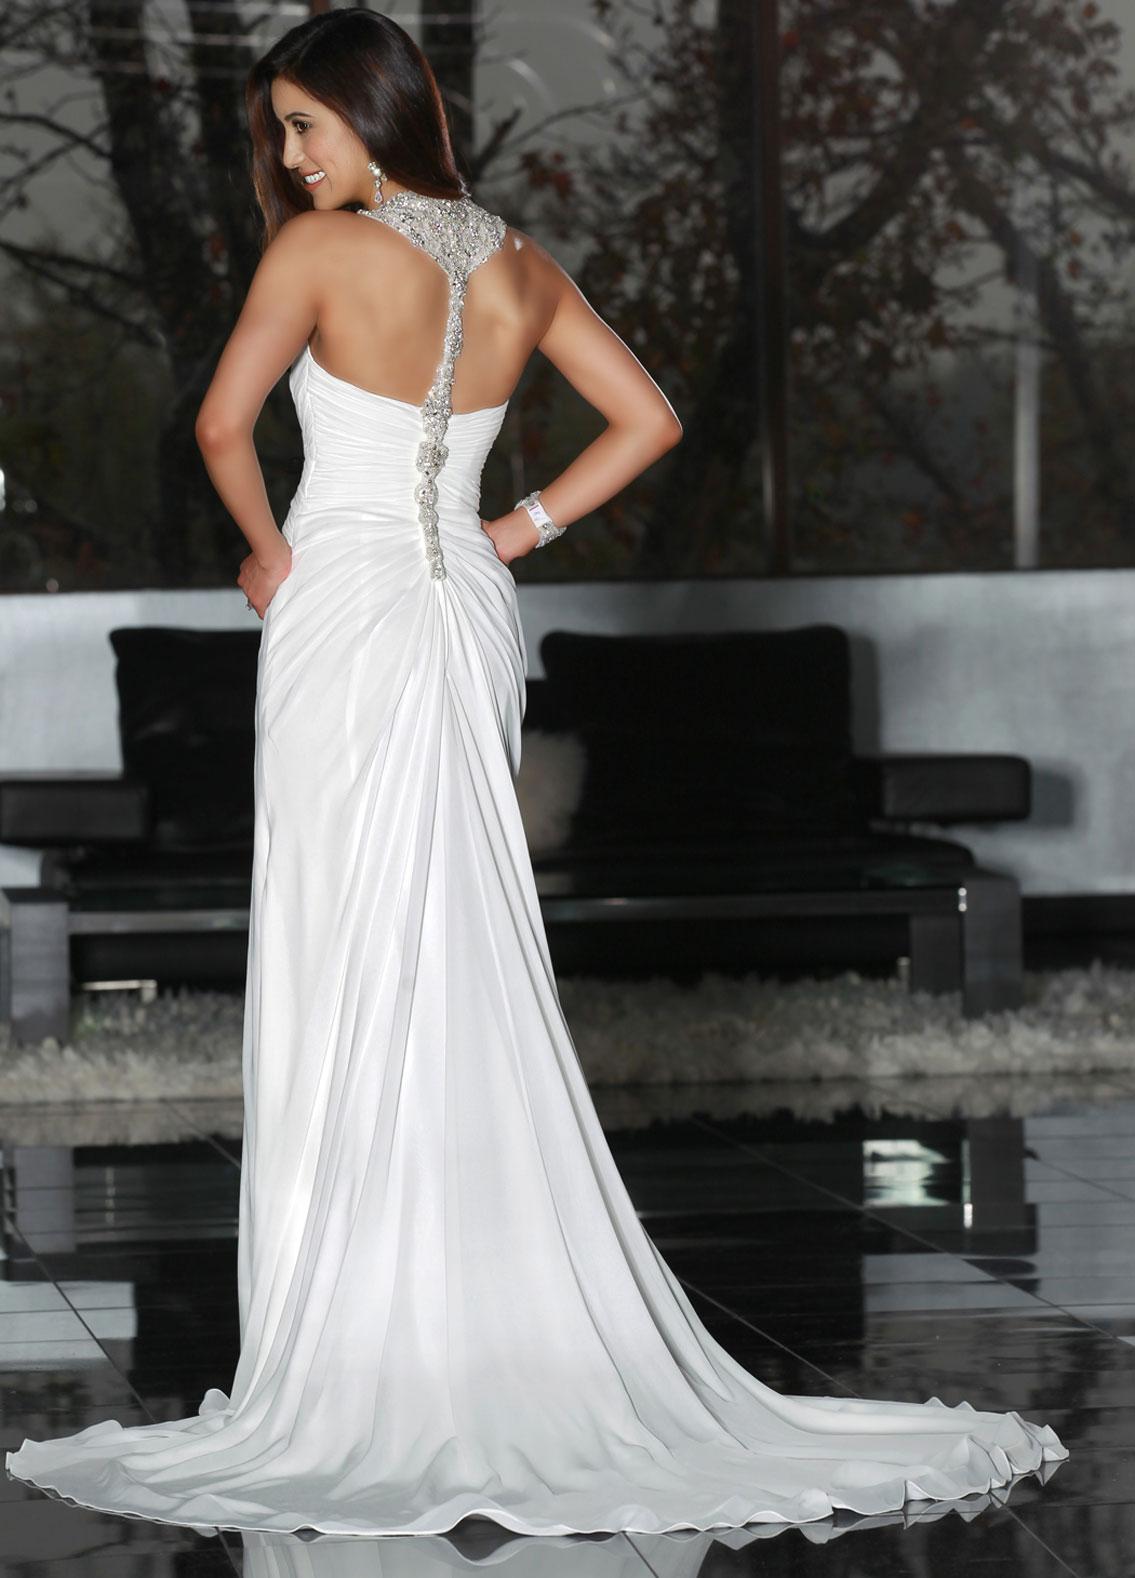 Slit Skirt Wedding Dresses for 2021-2022